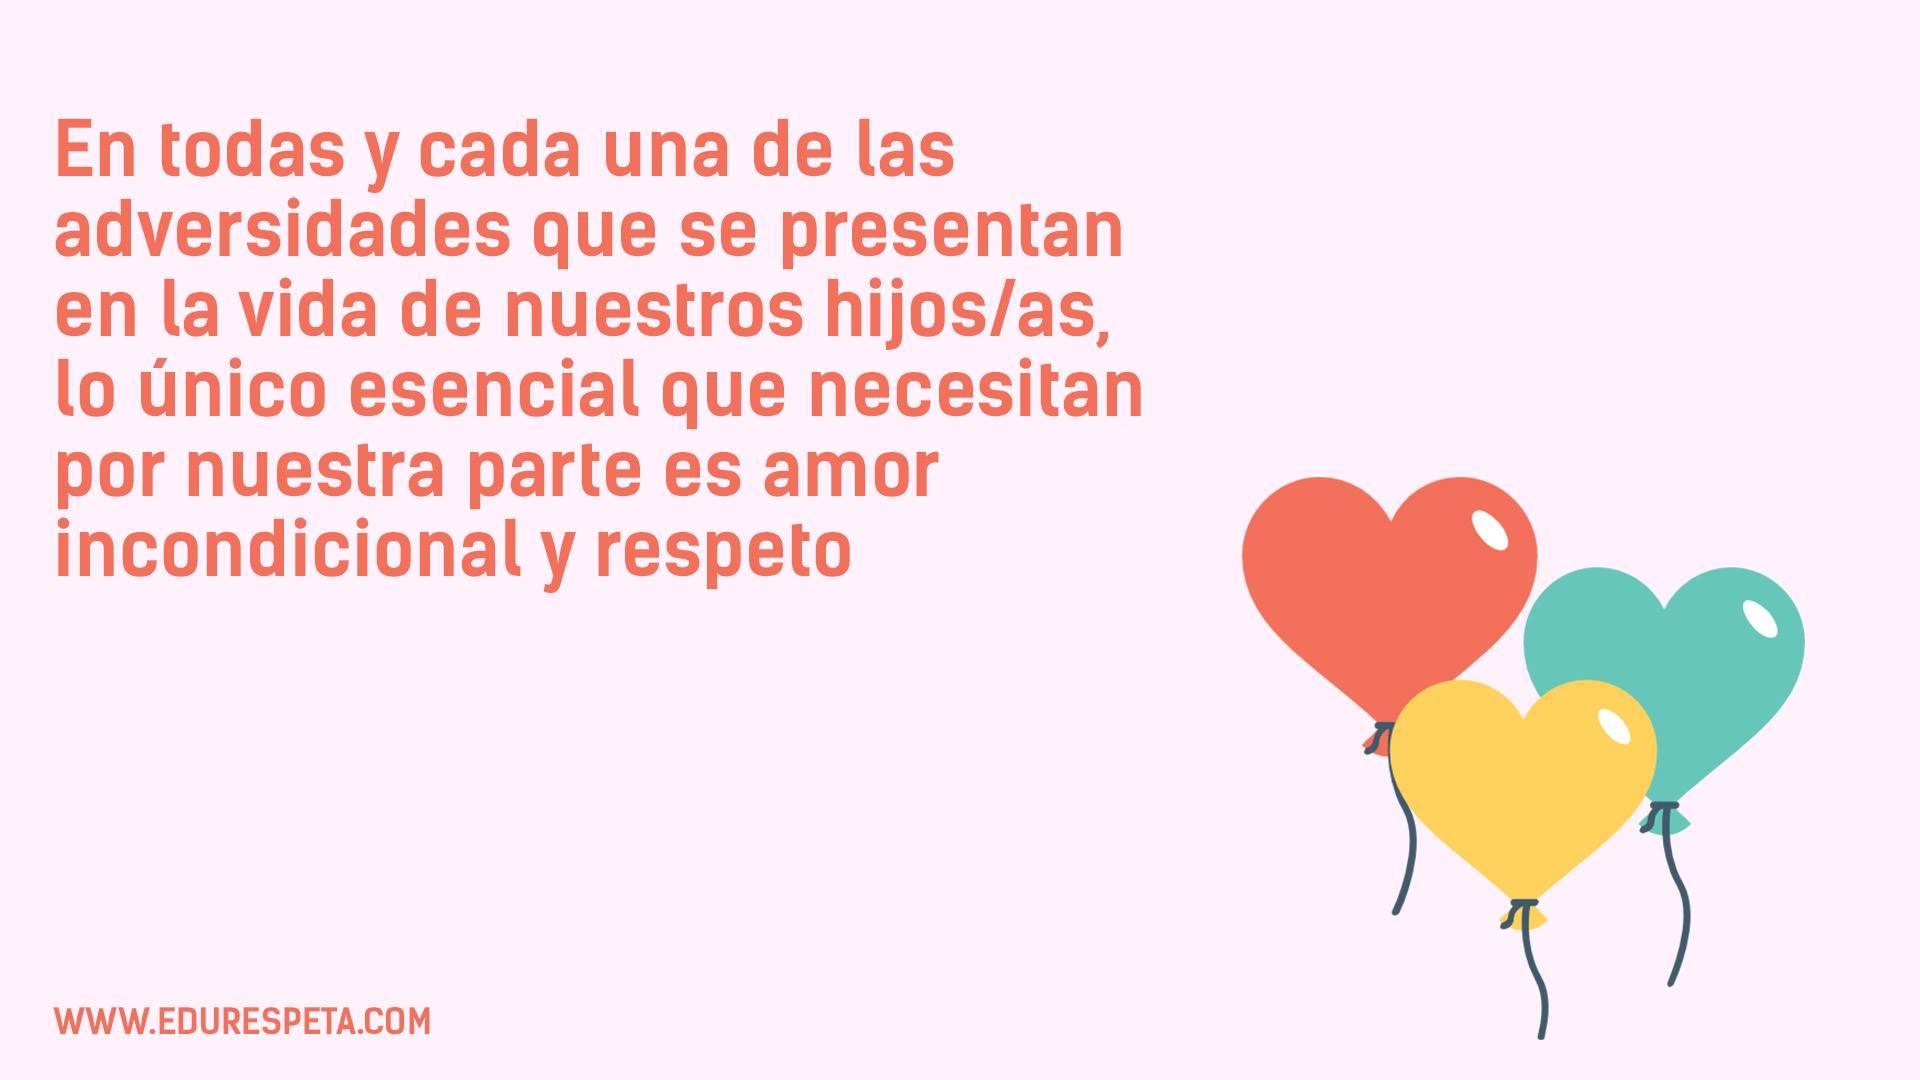 En todas y cada una de las adversidades que se presentan en la vida de nuestros hijos/as, lo único esencial que necesitan por nuestra parte es amor incondicional y respeto